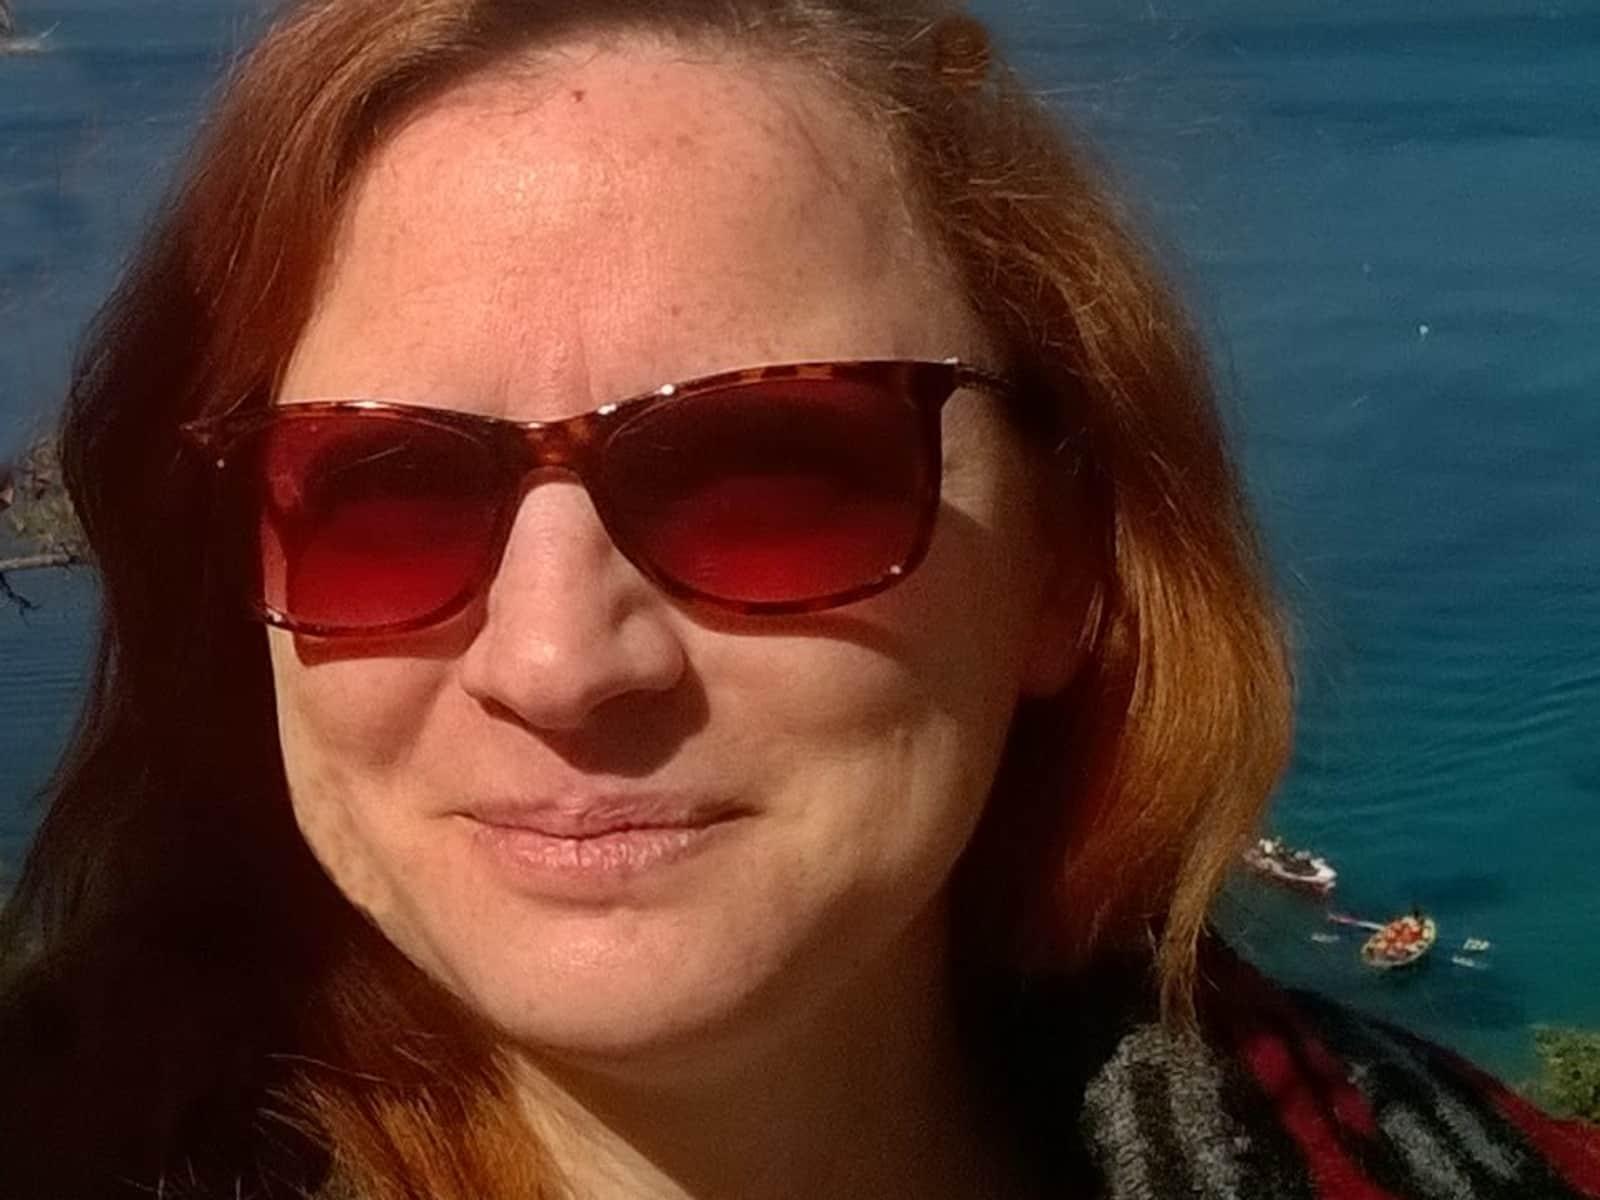 Nadine from Illzach, France